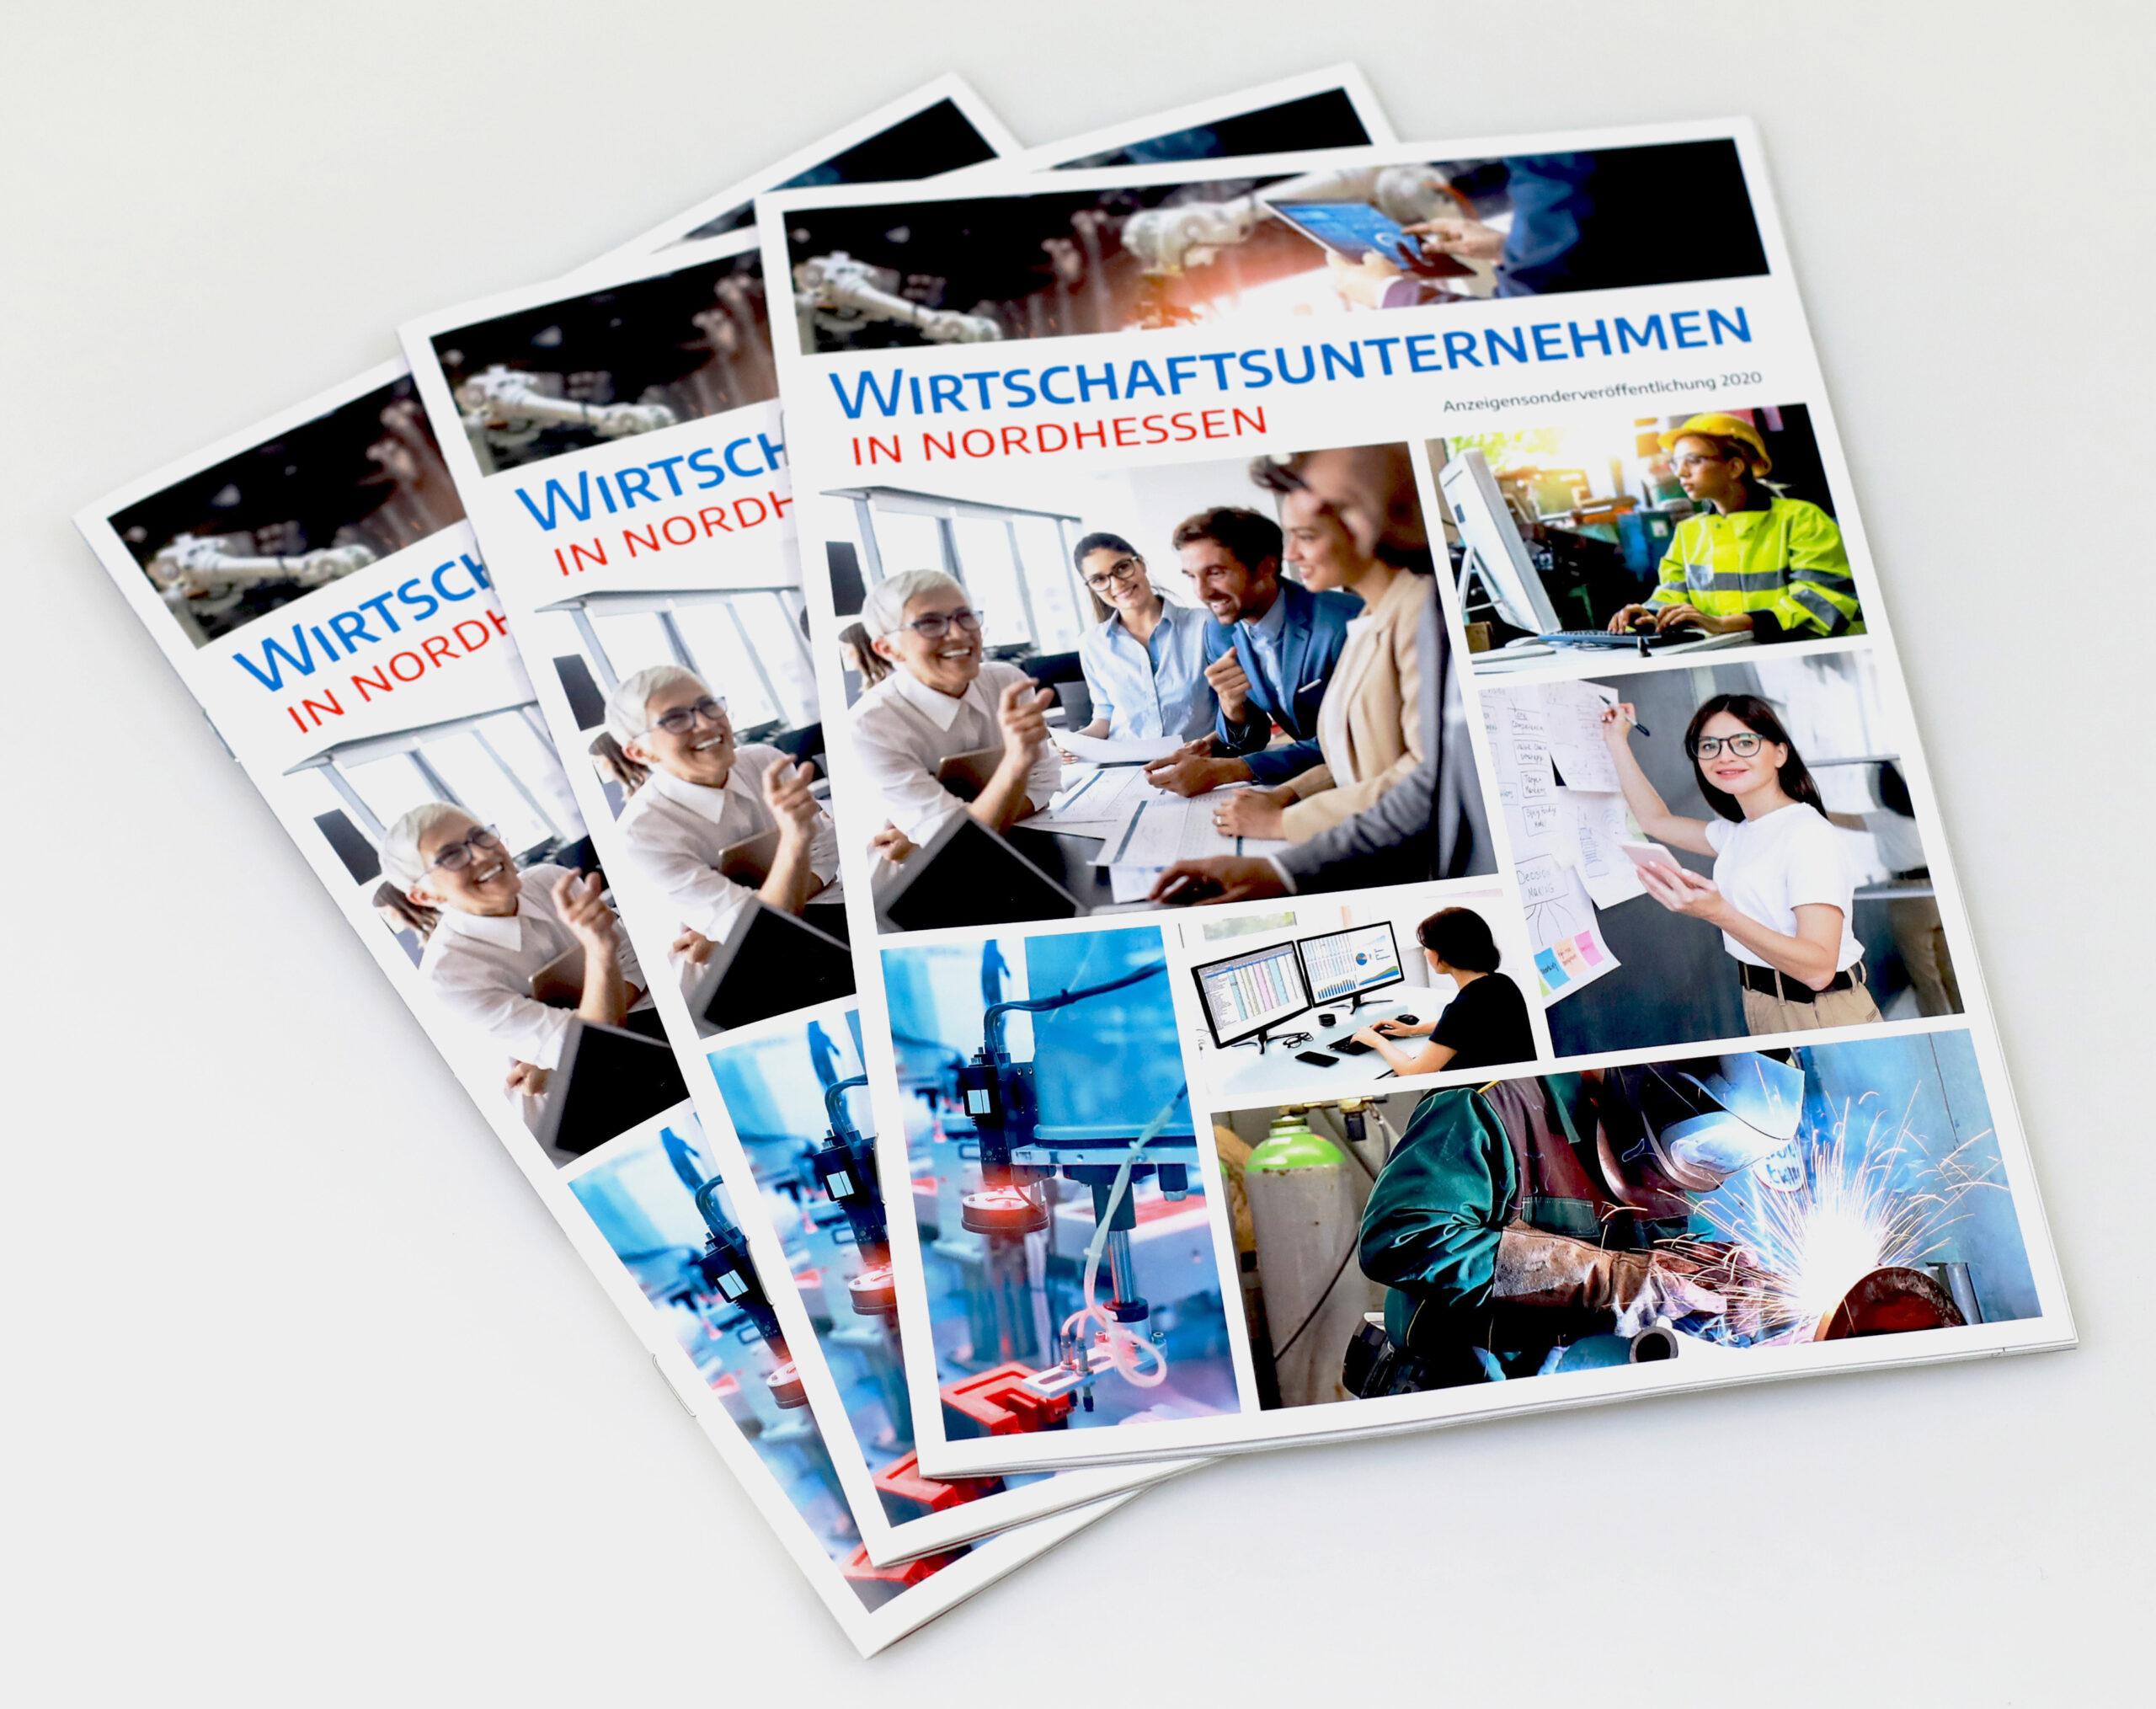 Wirtschaftsunternehmen in Nordhessen